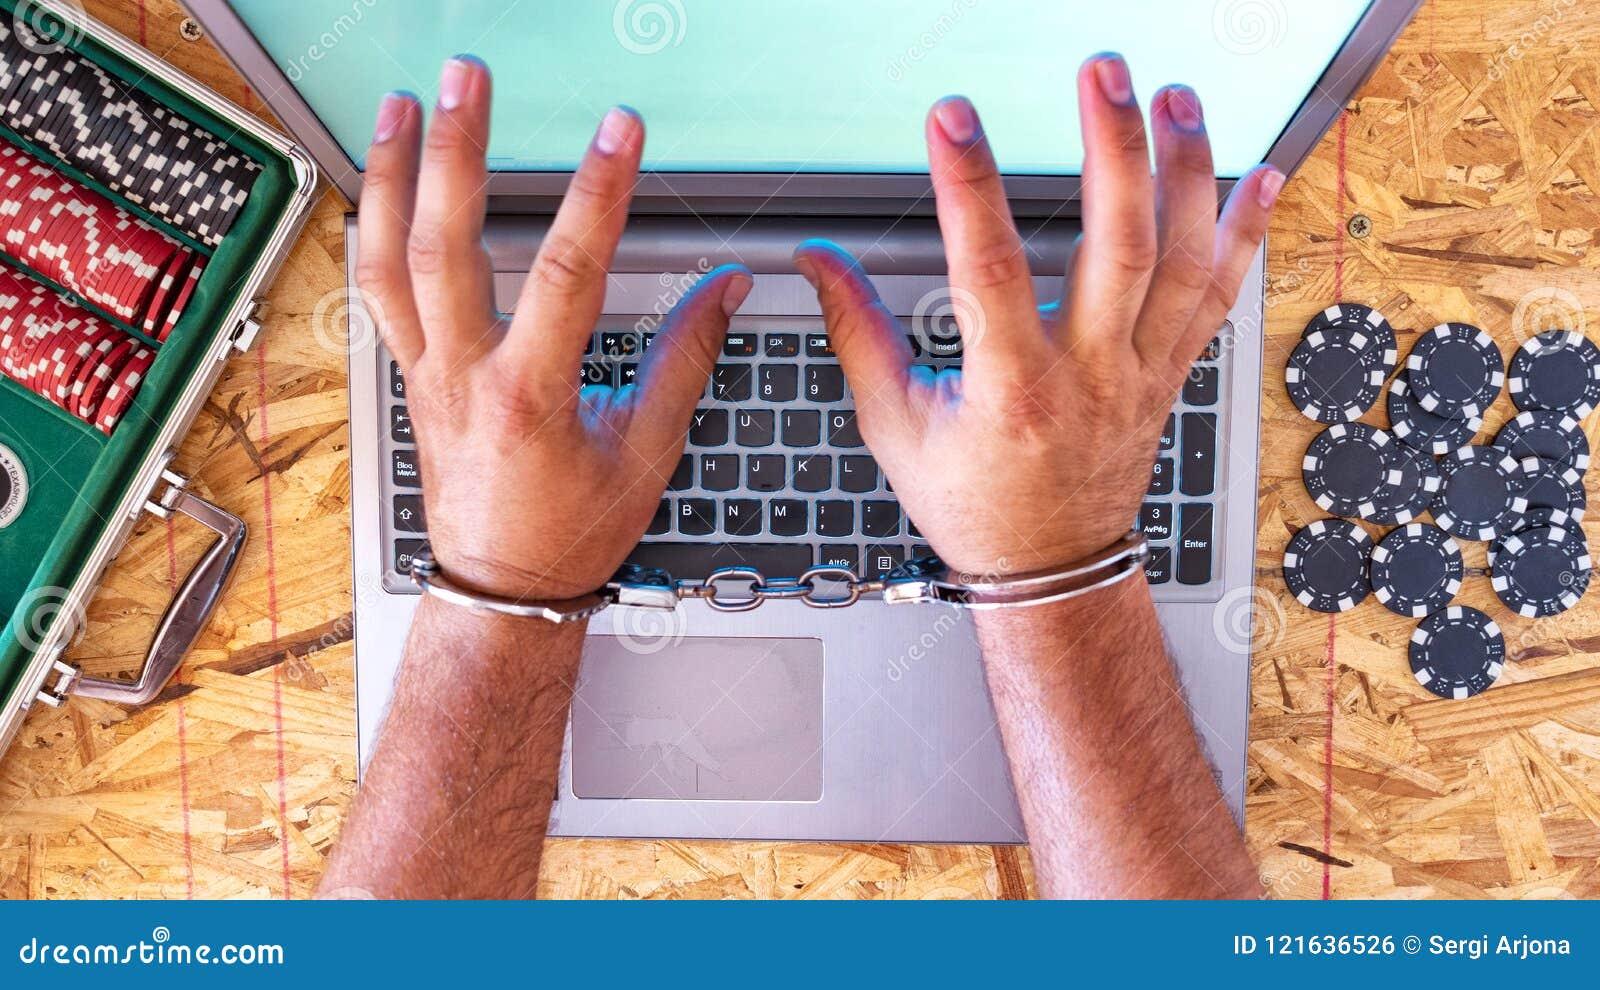 Безопасность и безопасность данных интернета